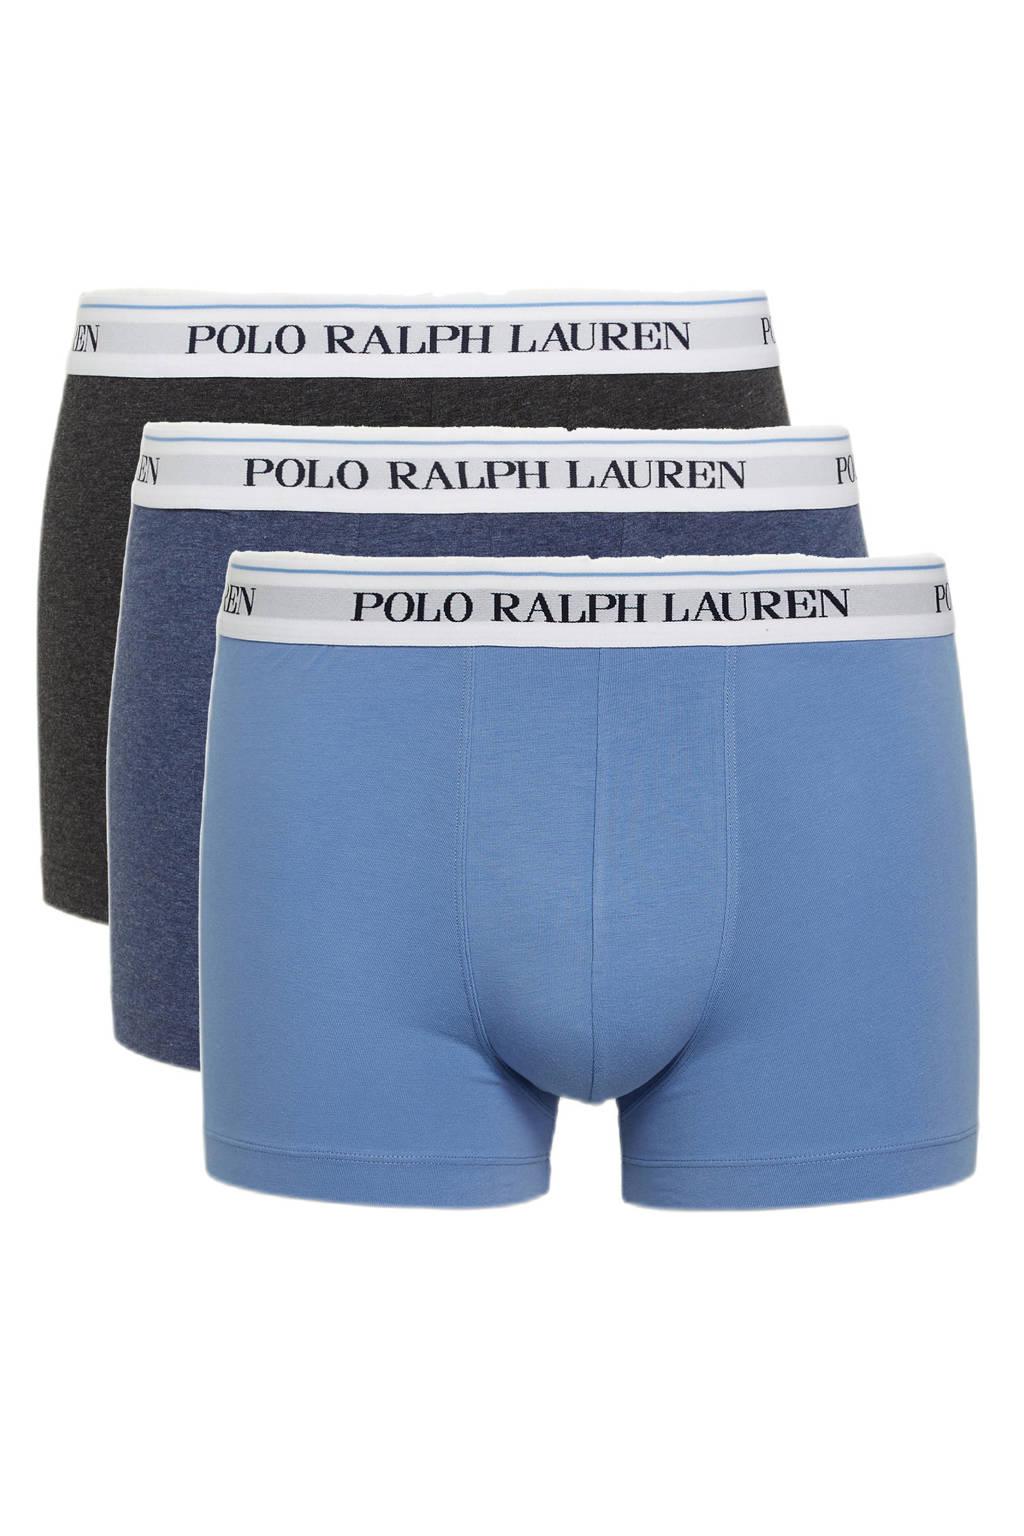 POLO Ralph Lauren boxershort (set van 3), blauw/donkergrijs